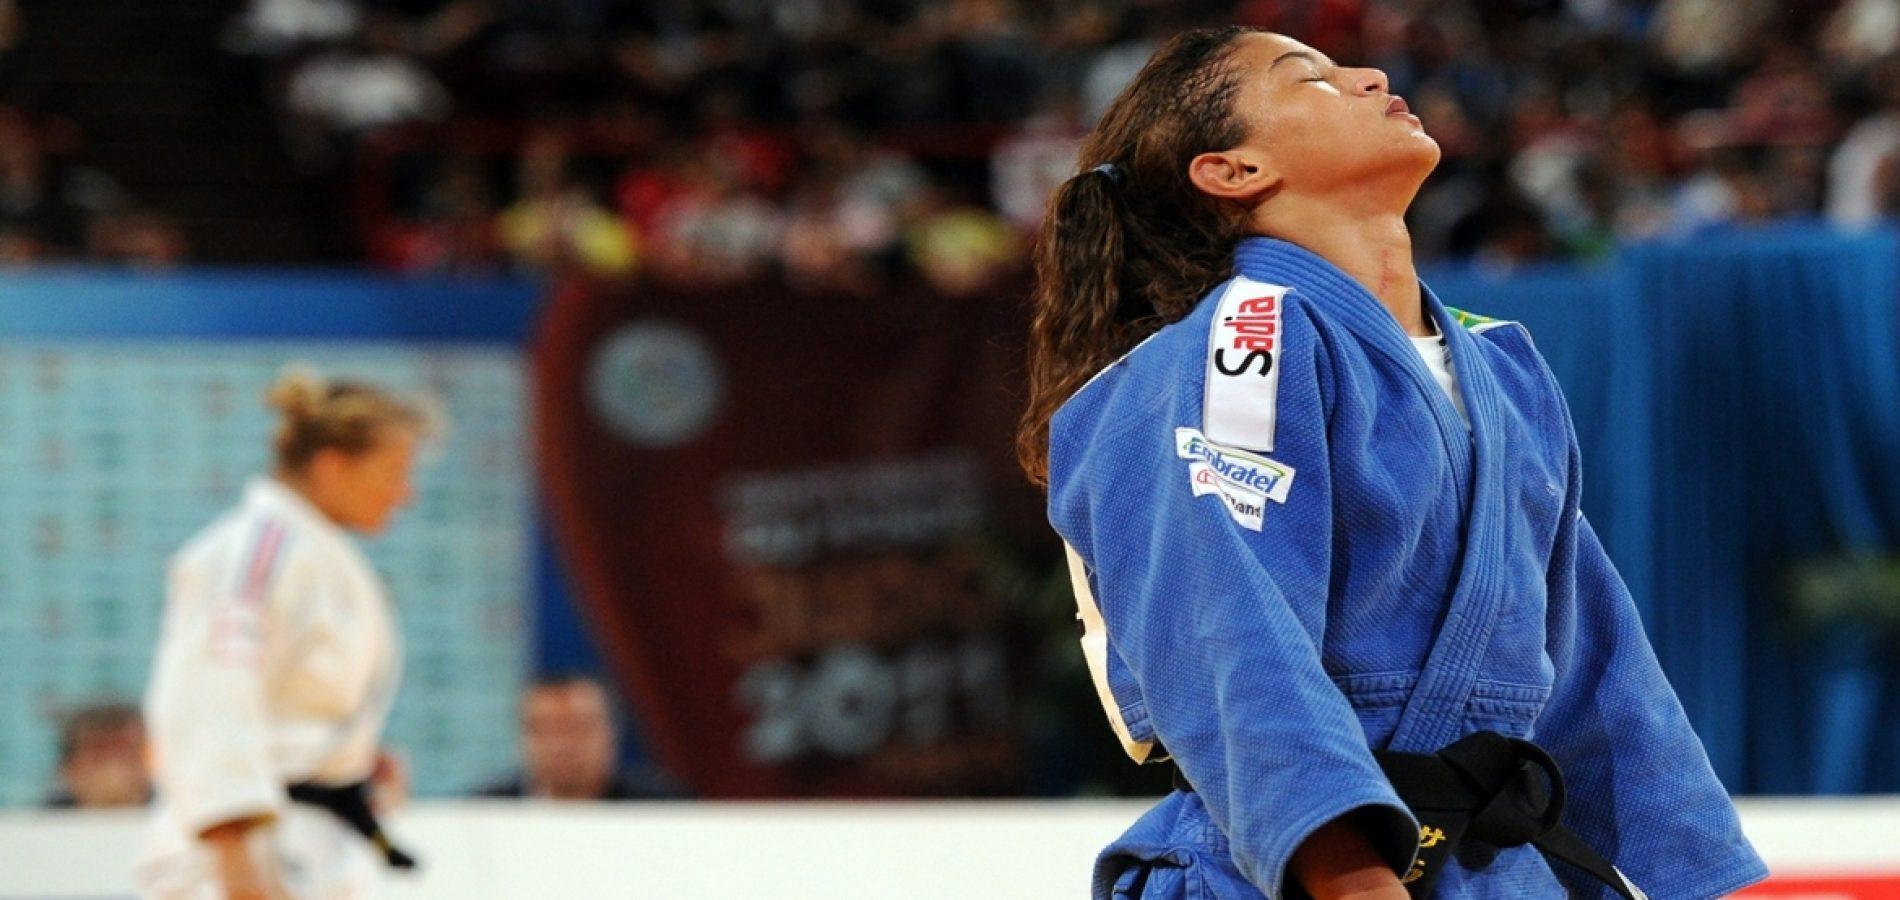 CBJ convoca seleção para mundial de judô e Sarah Menezes fica de fora